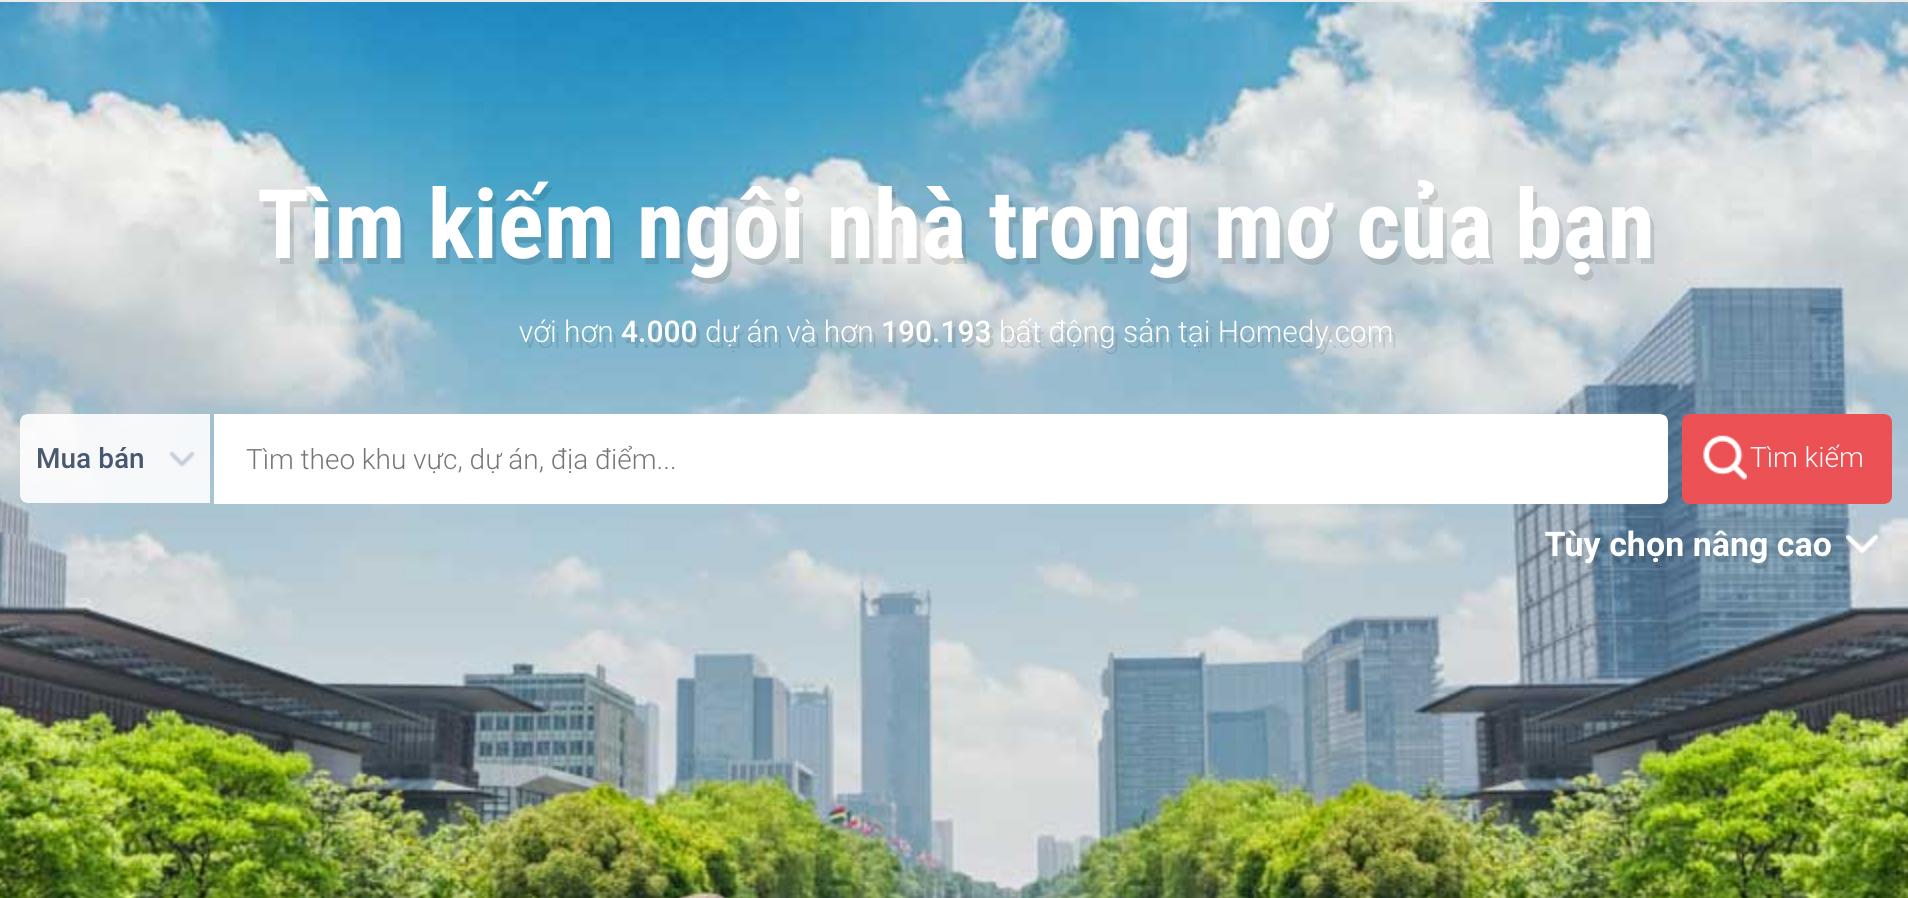 Chợ bất động sản trực tuyến giảm sức hút